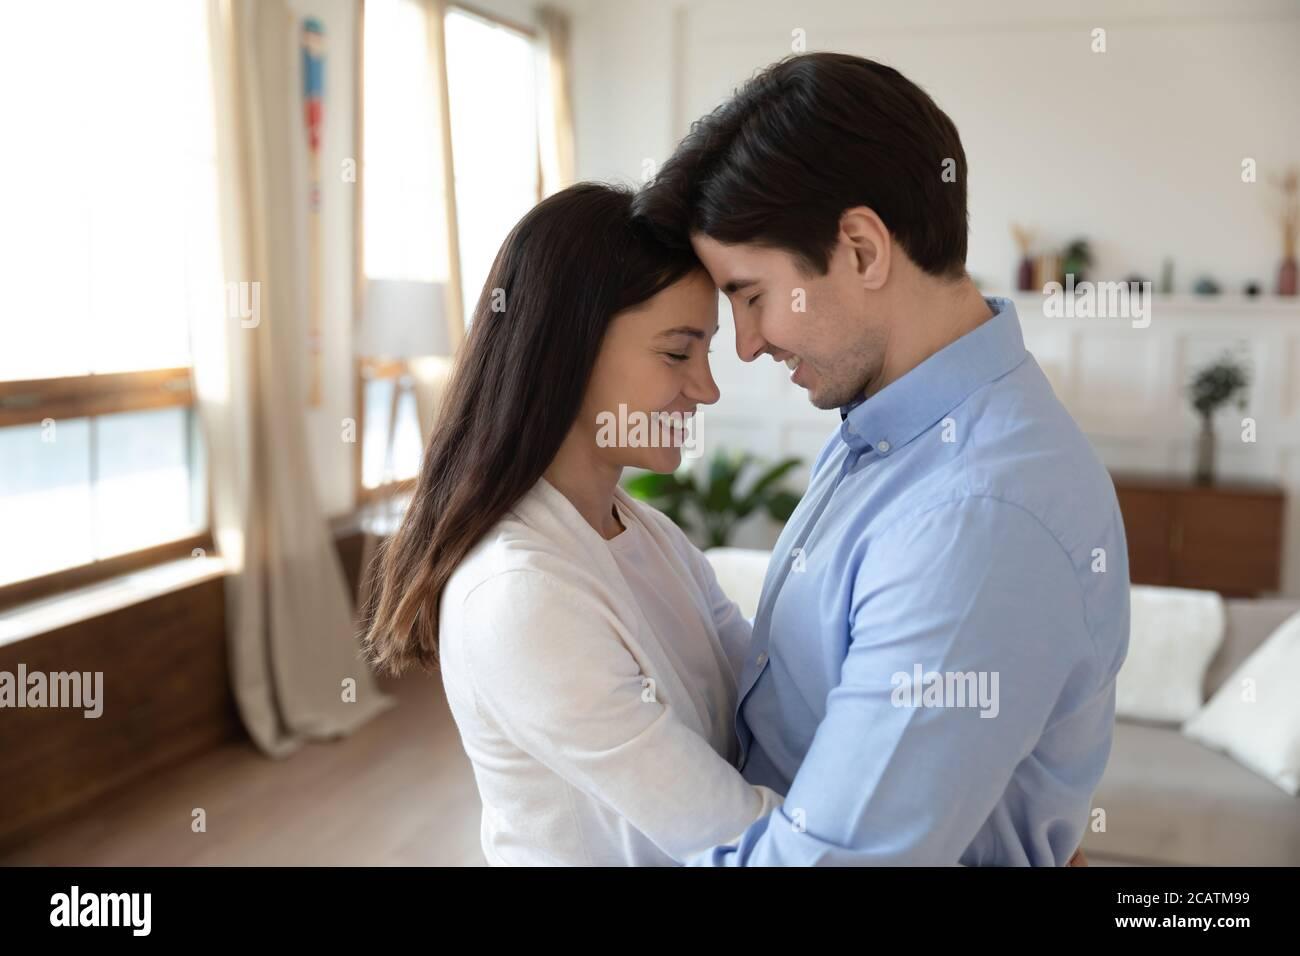 Glücklich emotional kaukasischen Familie Paar genießen süß zärtlichen Moment. Stockfoto